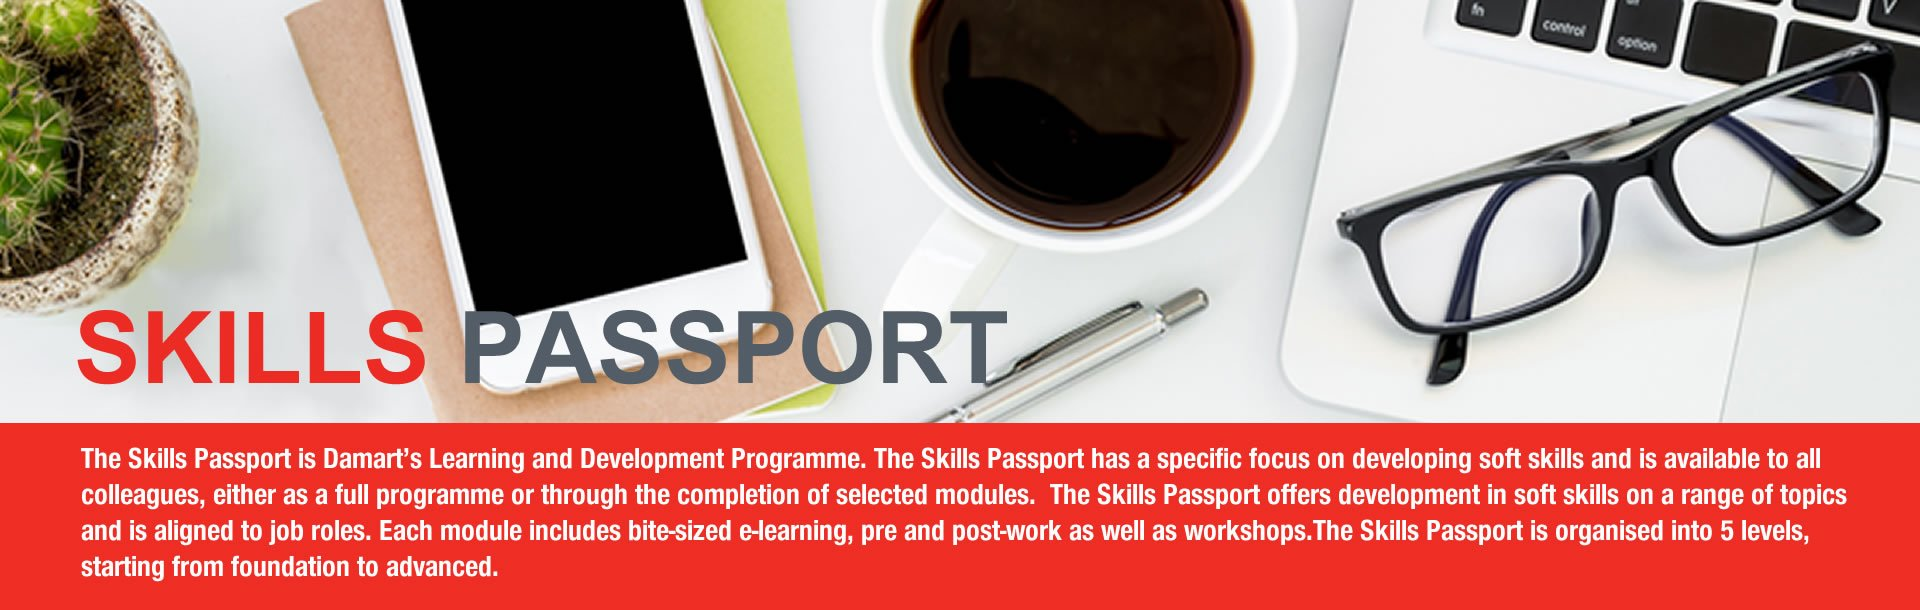 Skills_Passport